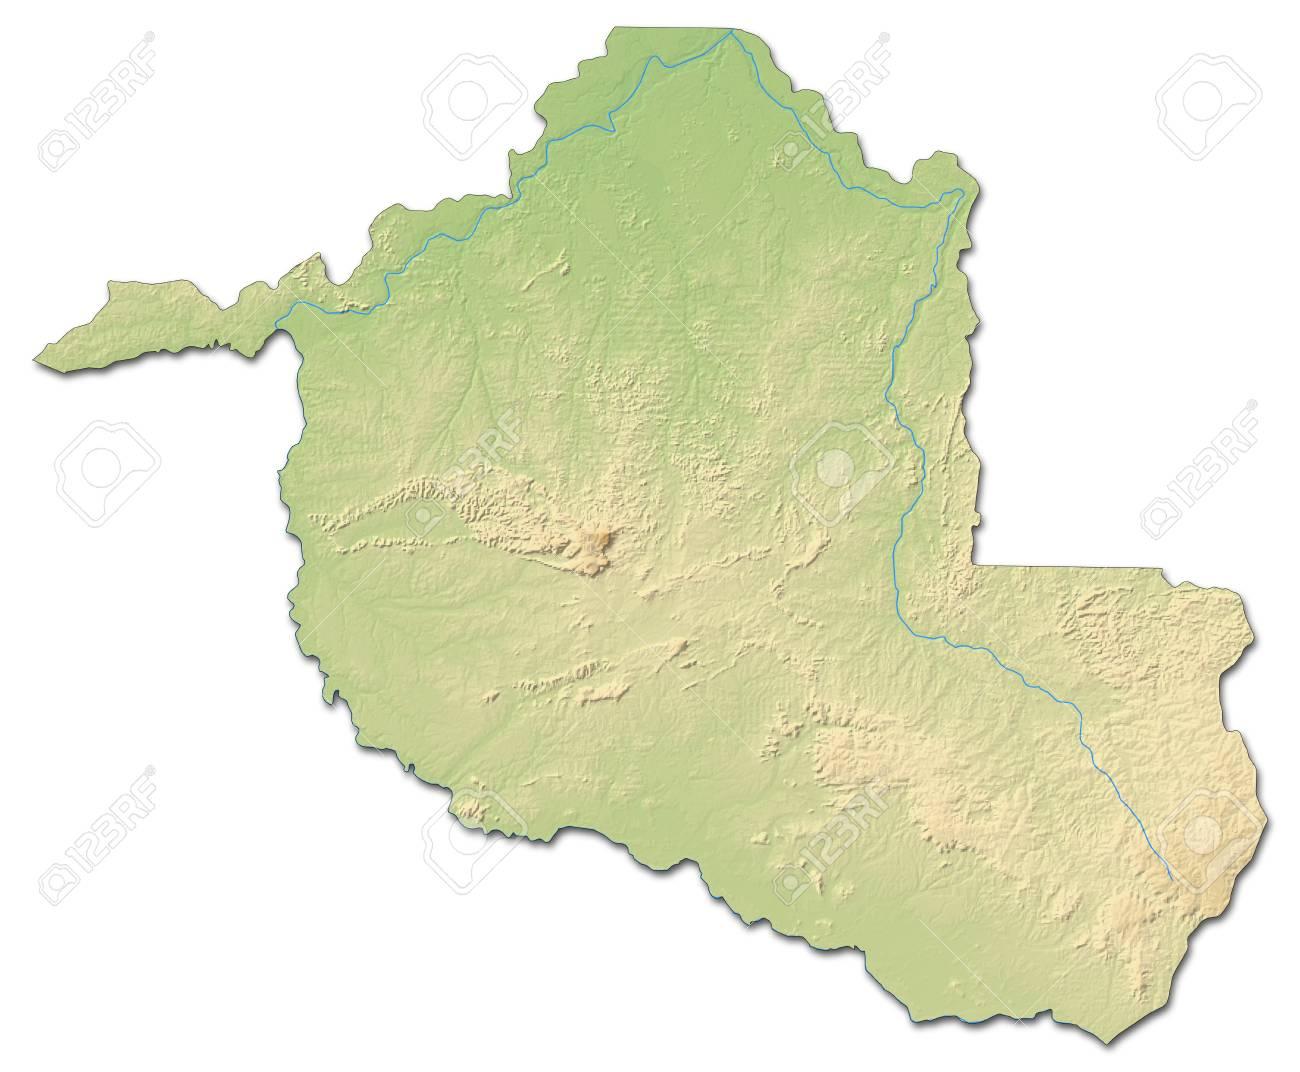 Carte Bresil Relief.Carte En Relief Du Rond Nia Une Province Du Bresil Avec Un Relief